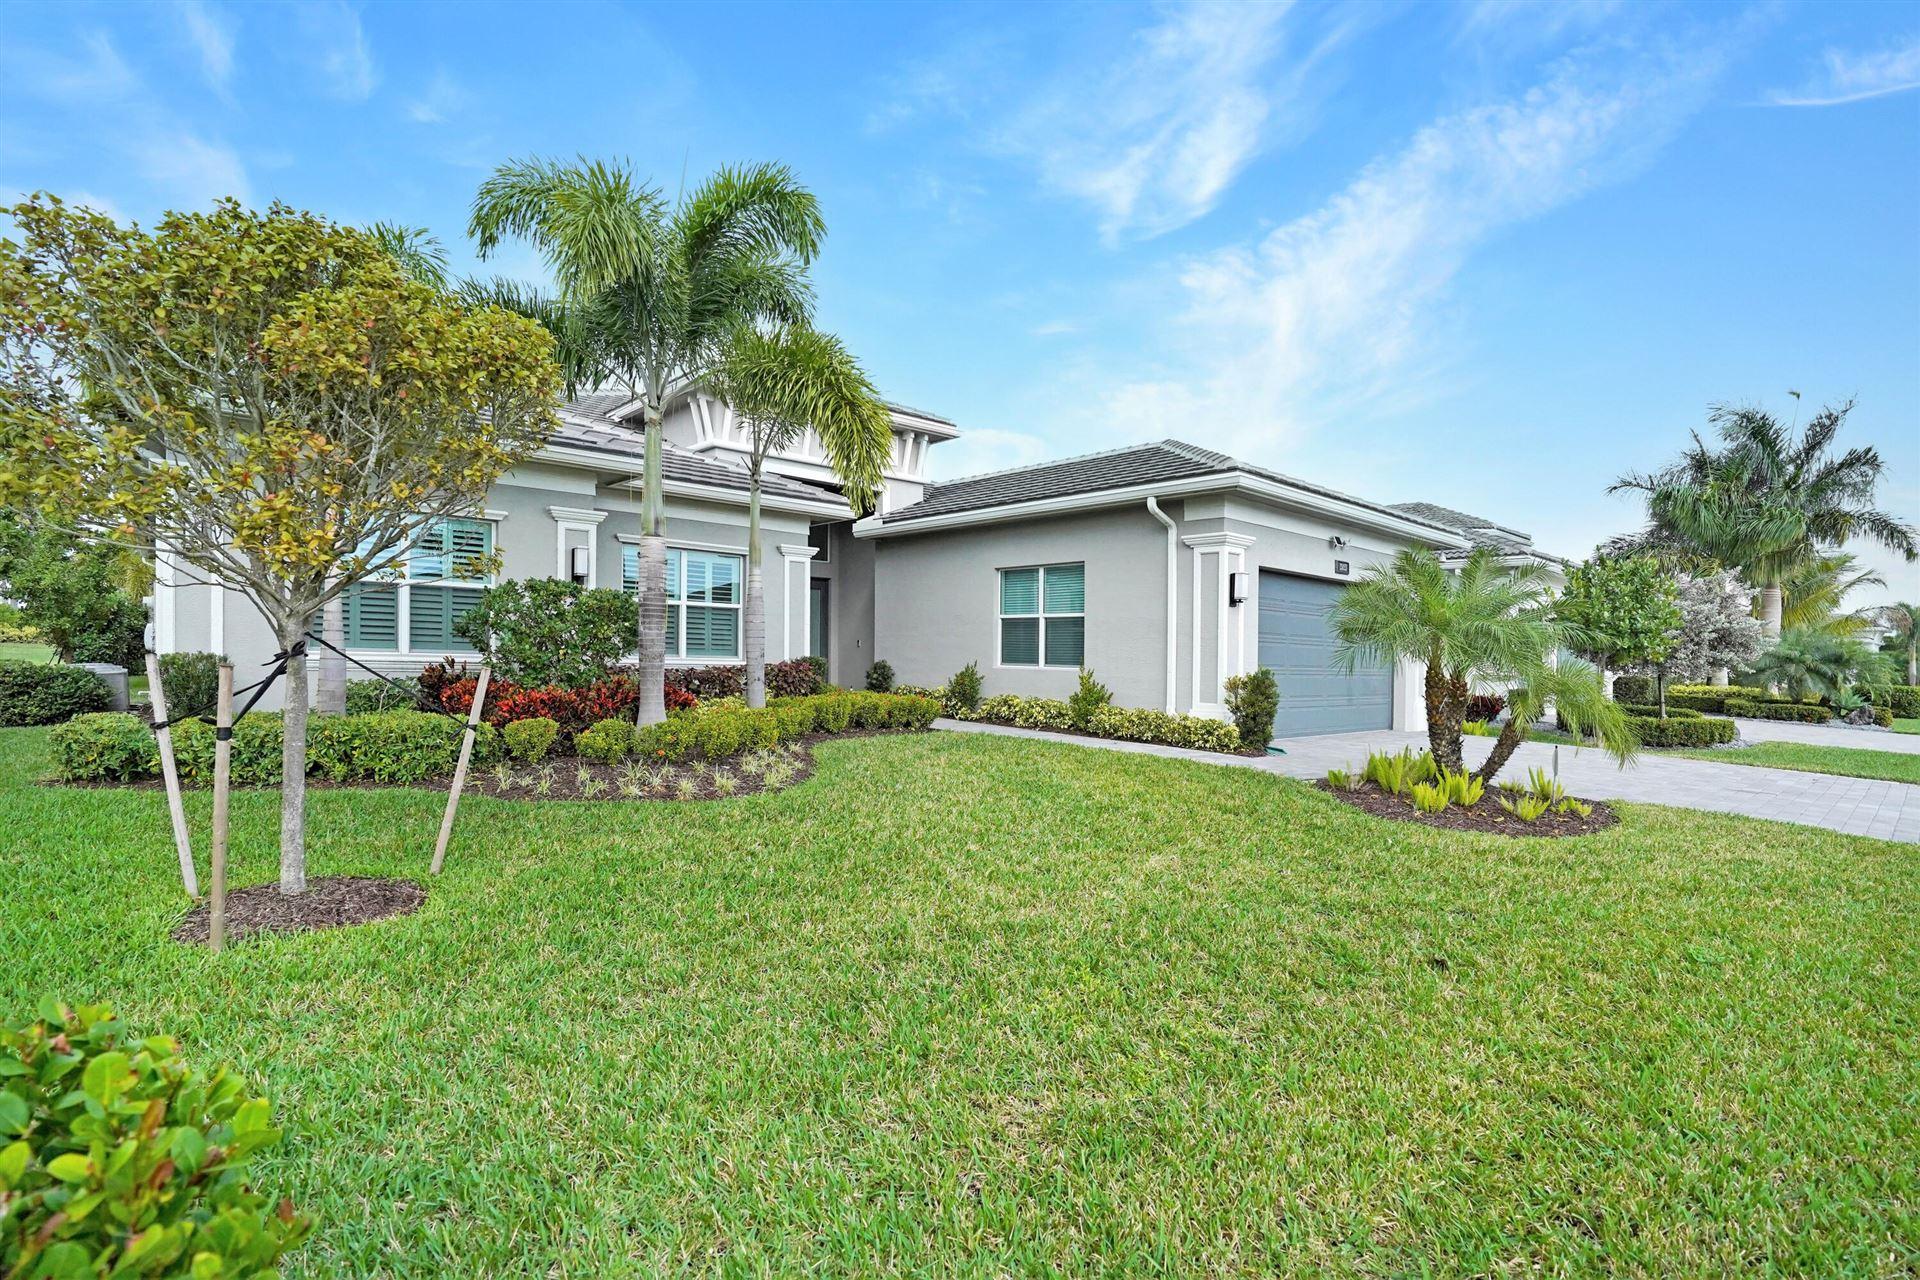 13053 Big Bear Blf, Boynton Beach, FL 33473 - #: RX-10694238